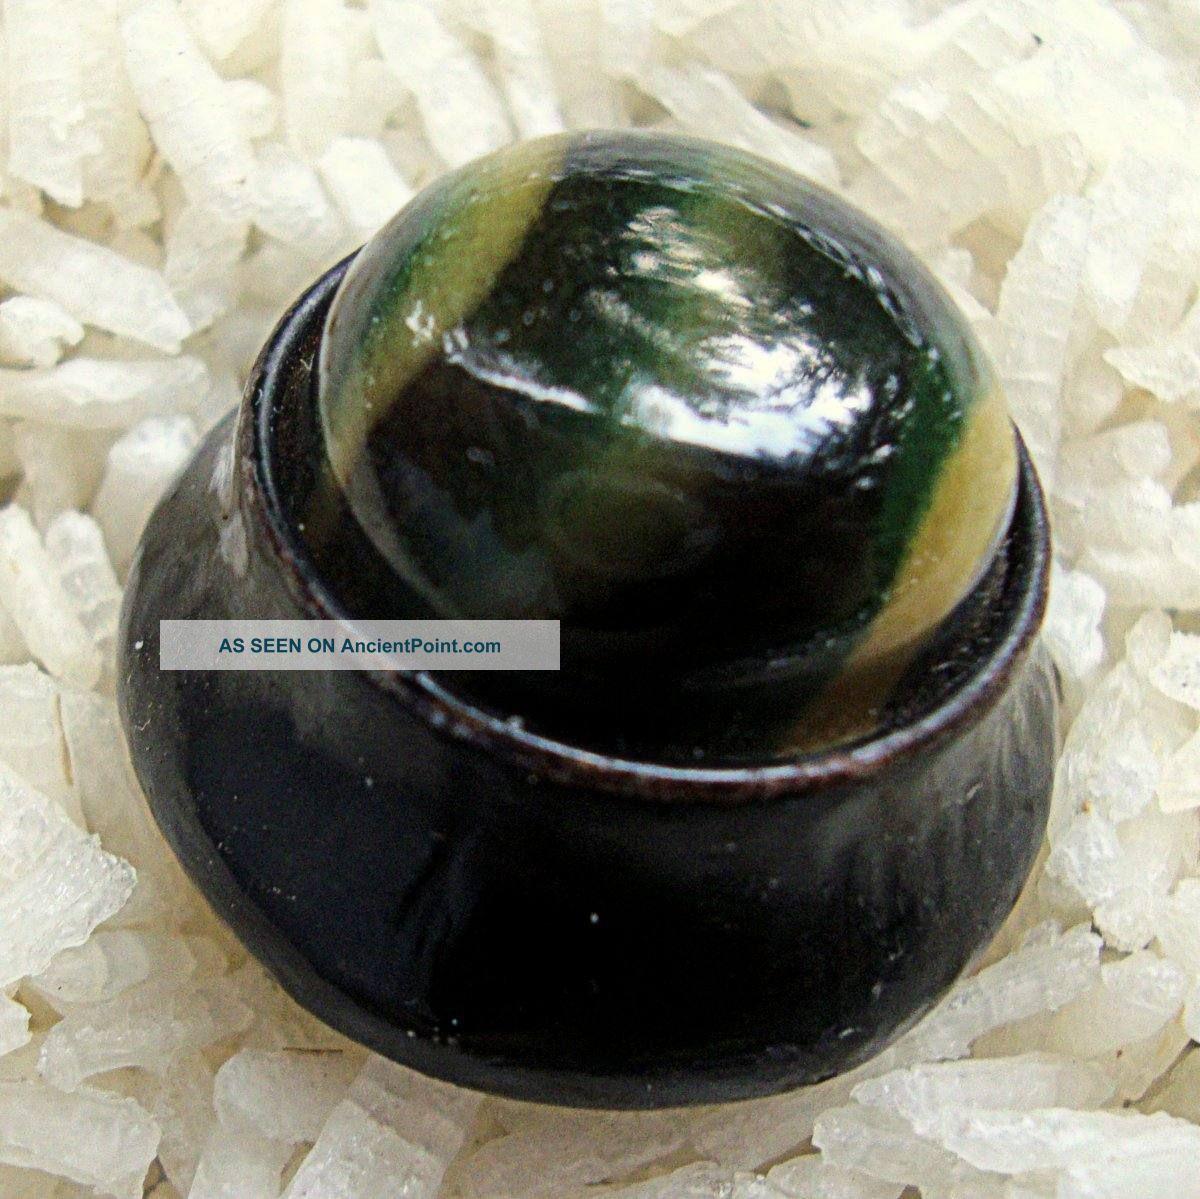 Rare Antique 1900 ' S Black Metal Self Shank Tightcap Button Tiger Eye Celluloid Buttons photo